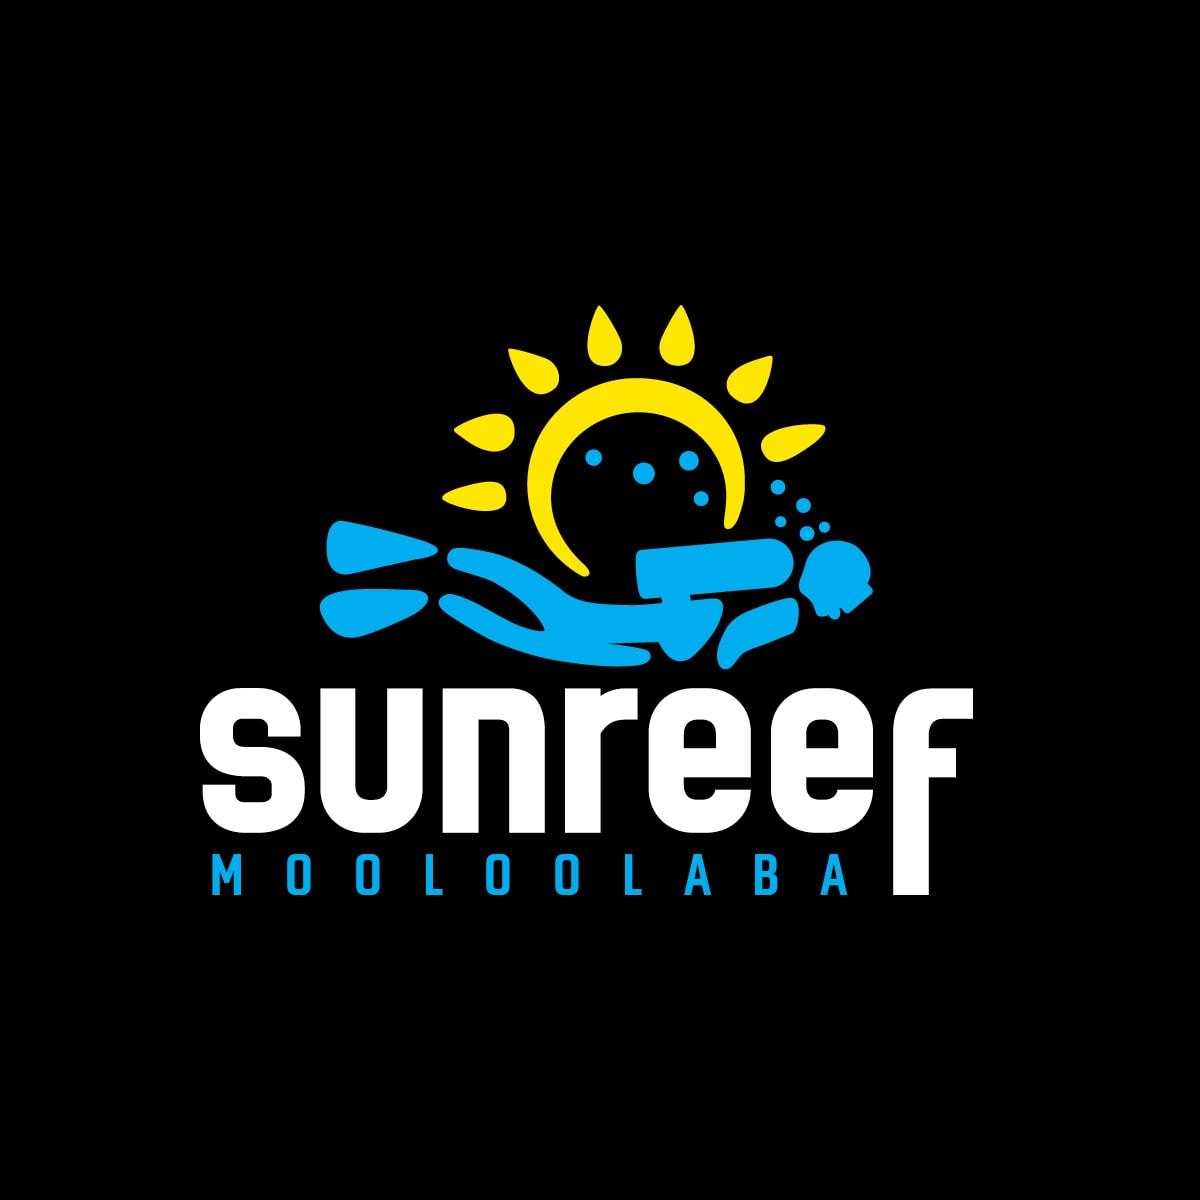 Sunreef Mooloolaba